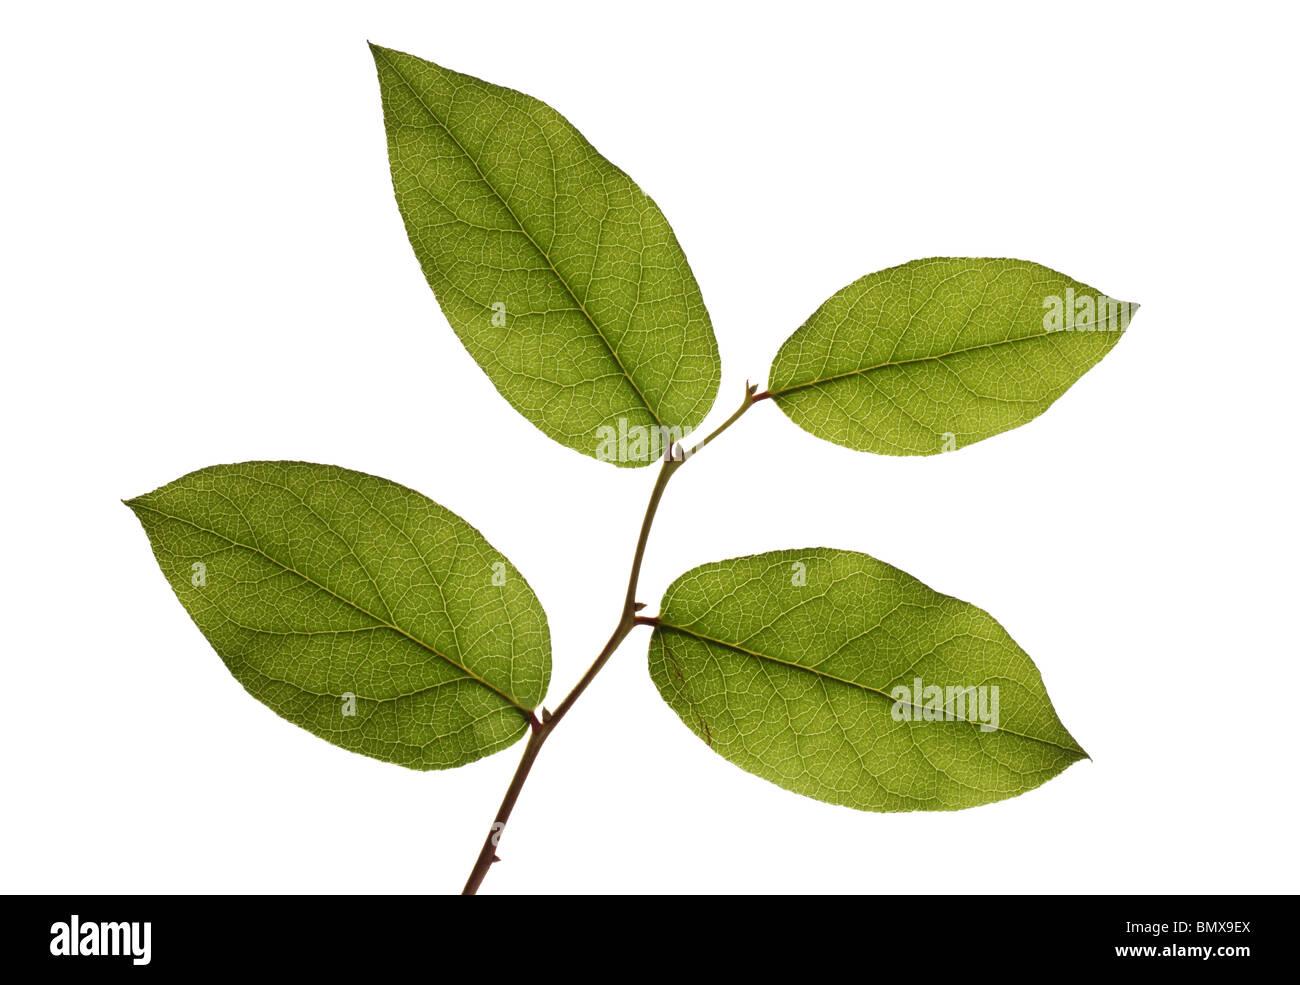 Cuatro hojas de plantas verdes en una sucursal, fondo blanco. Imagen De Stock